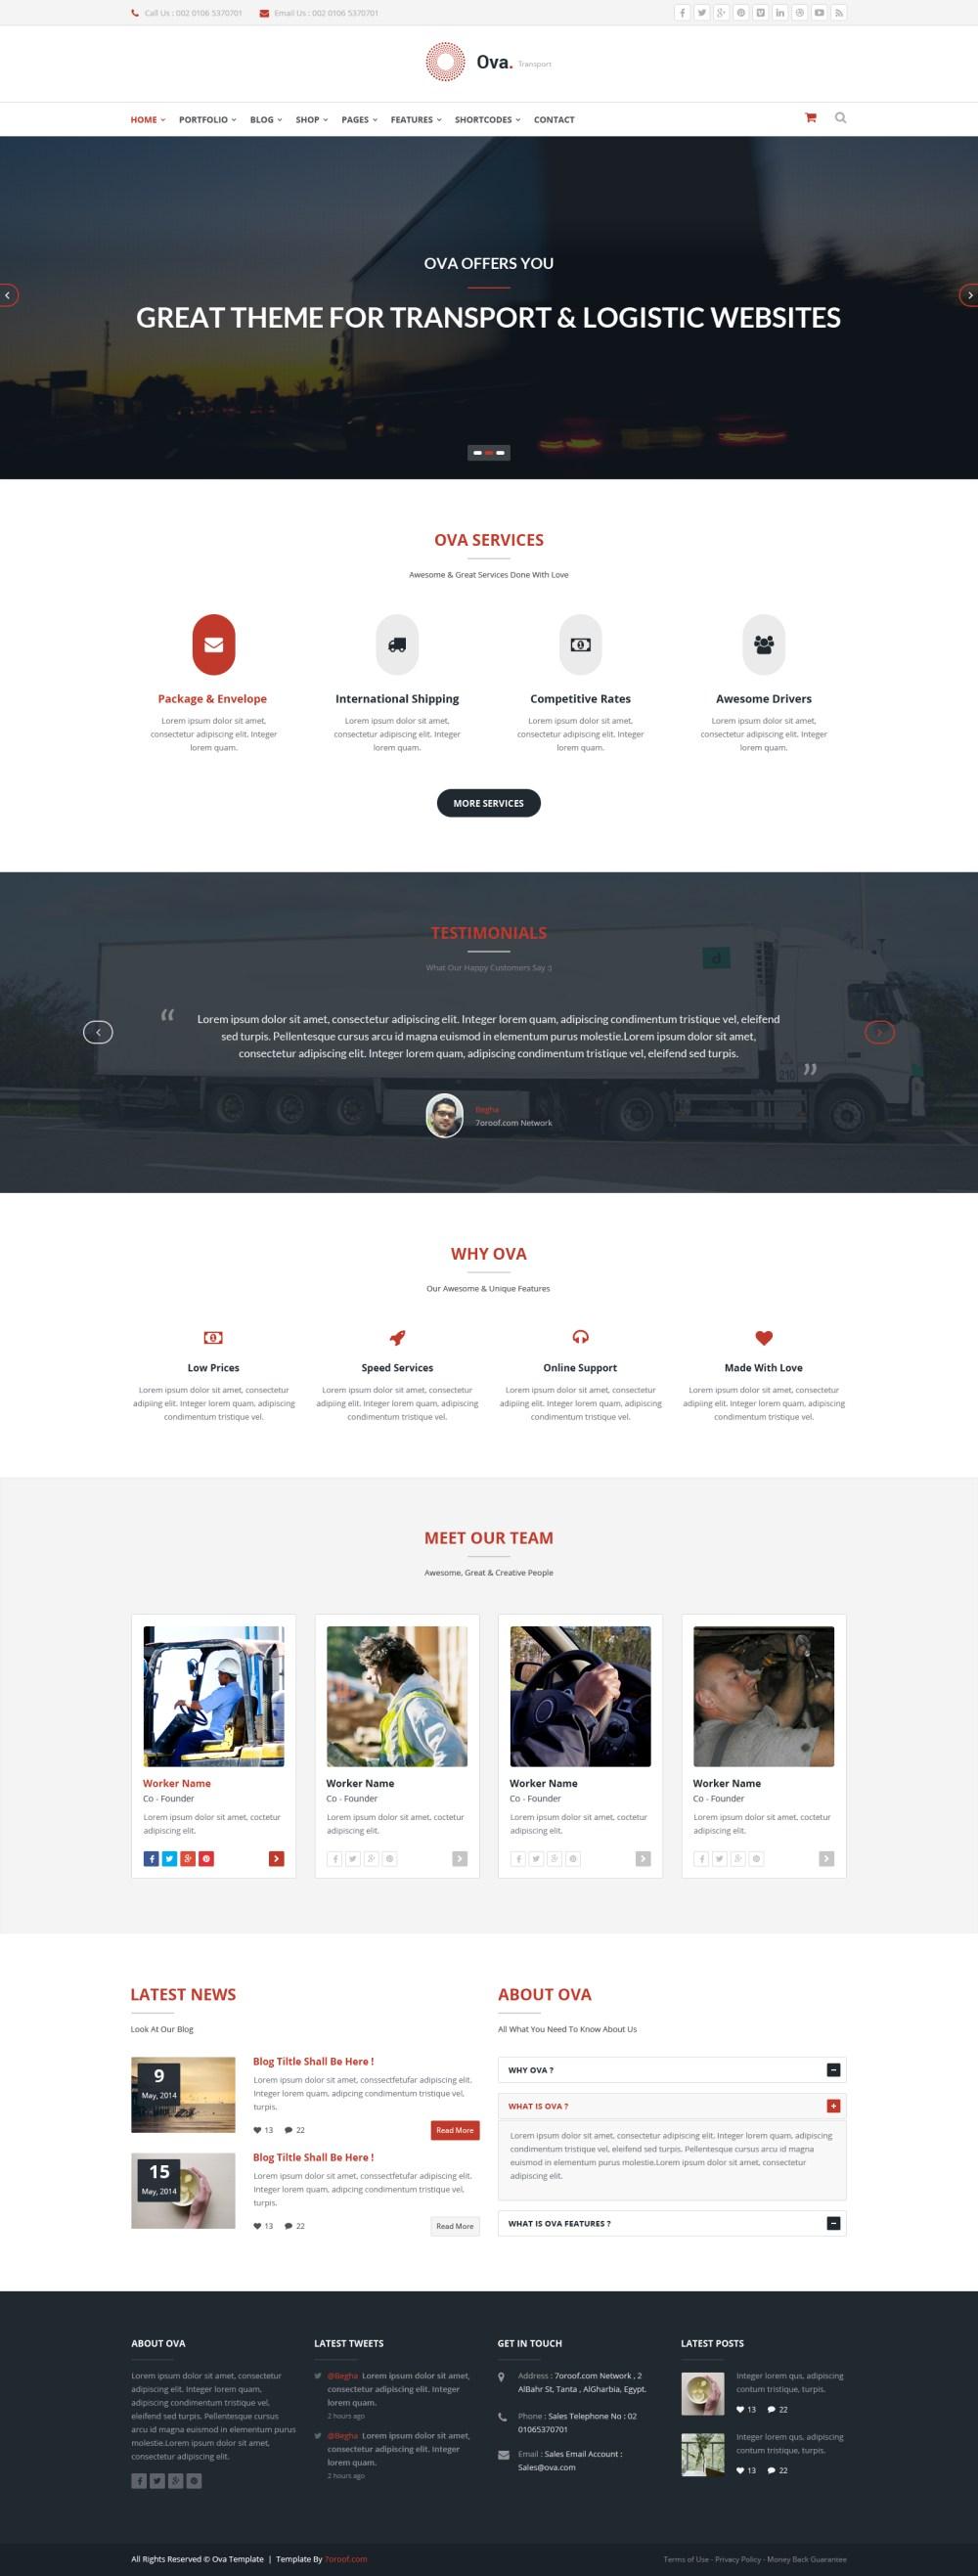 国外网页页面设计欣赏